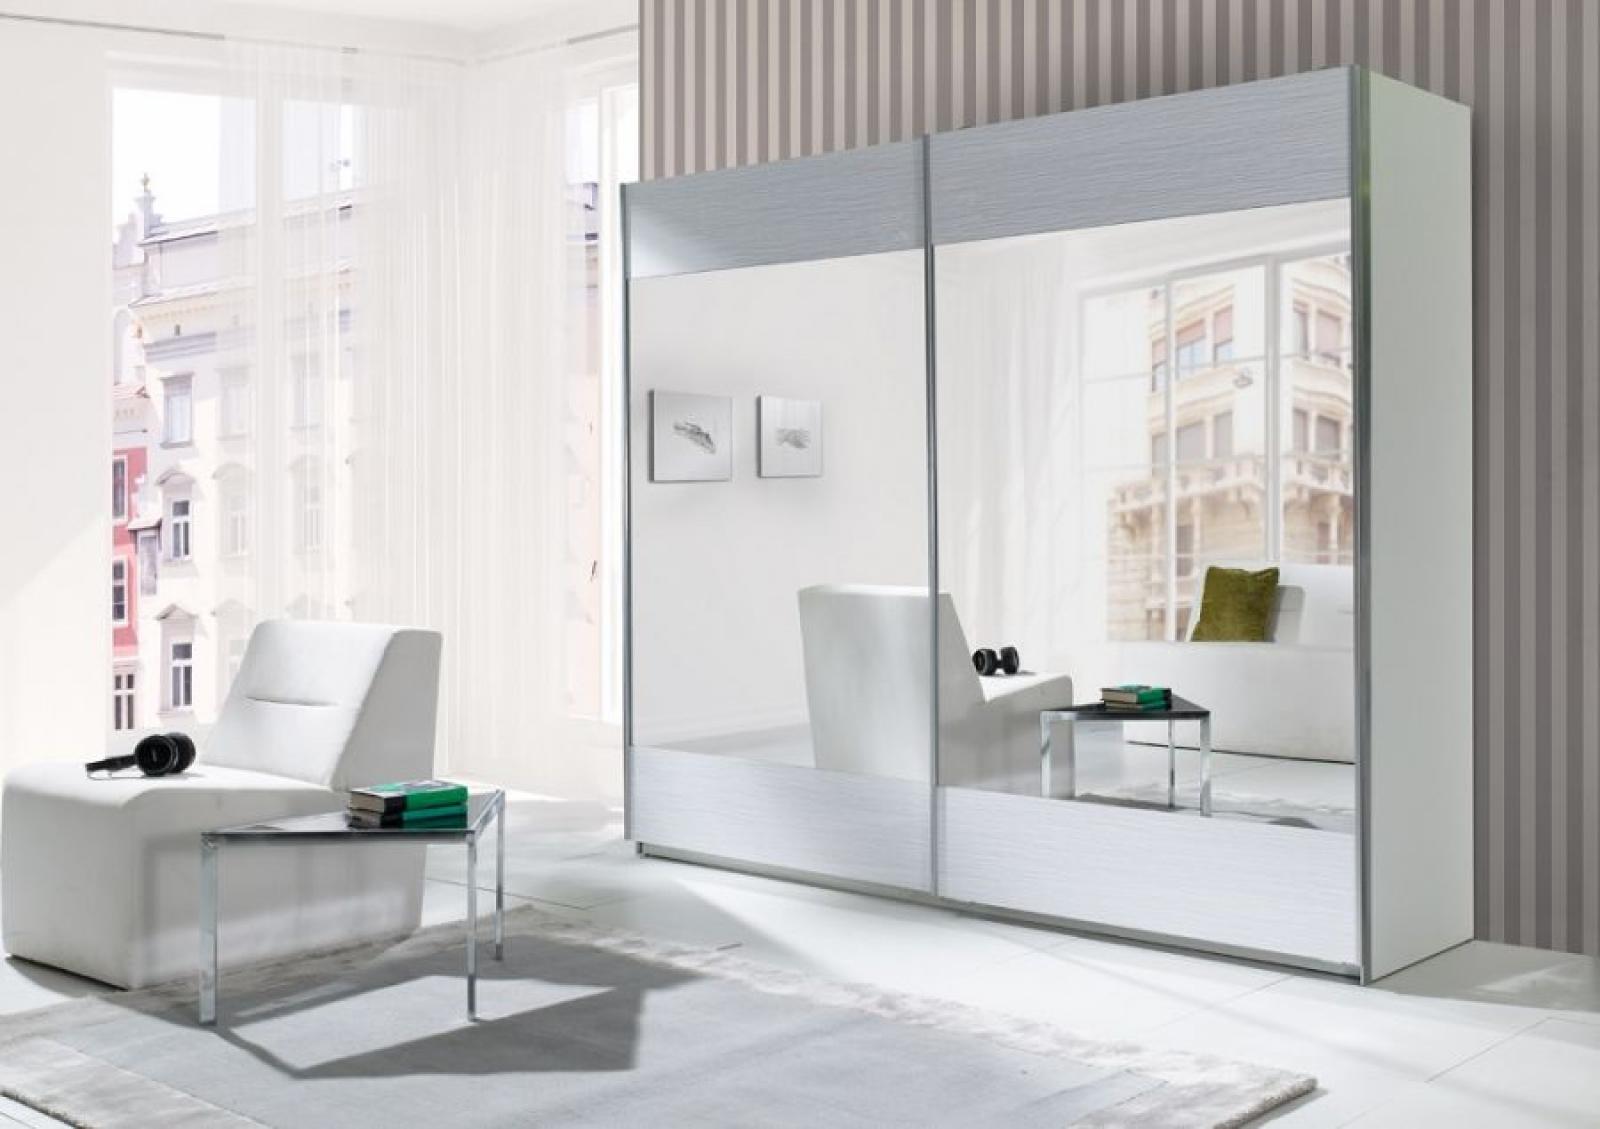 Kleiderschrank weiß schiebetüren spiegel  KAUFEXPERT - Schwebetürenschrank 244 cm Strip Weiß Kleiderschrank ...